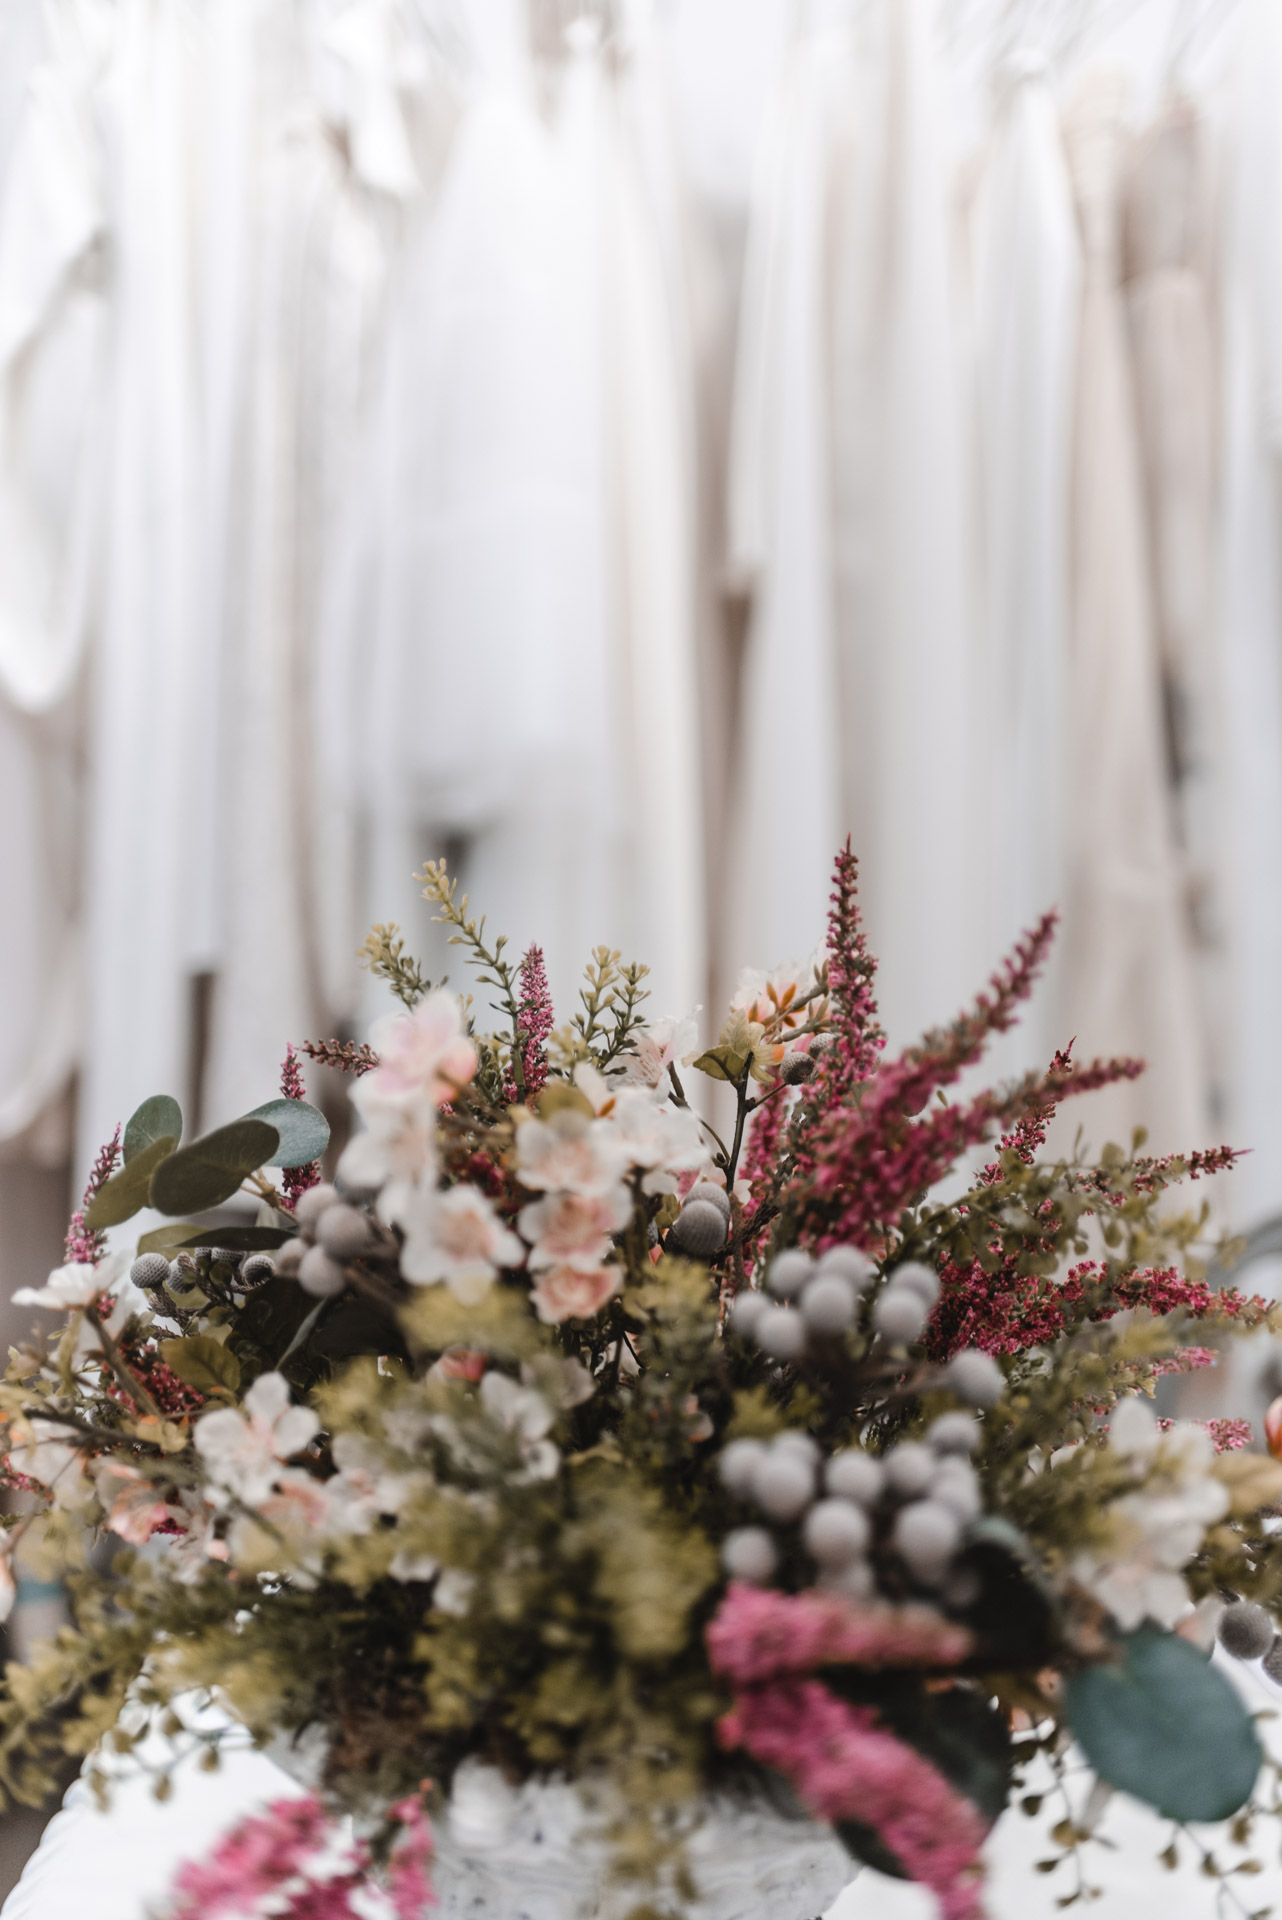 un día en el atelier de Fatima Gonzalez, descubriendo los vestidos de novia más impresionantes